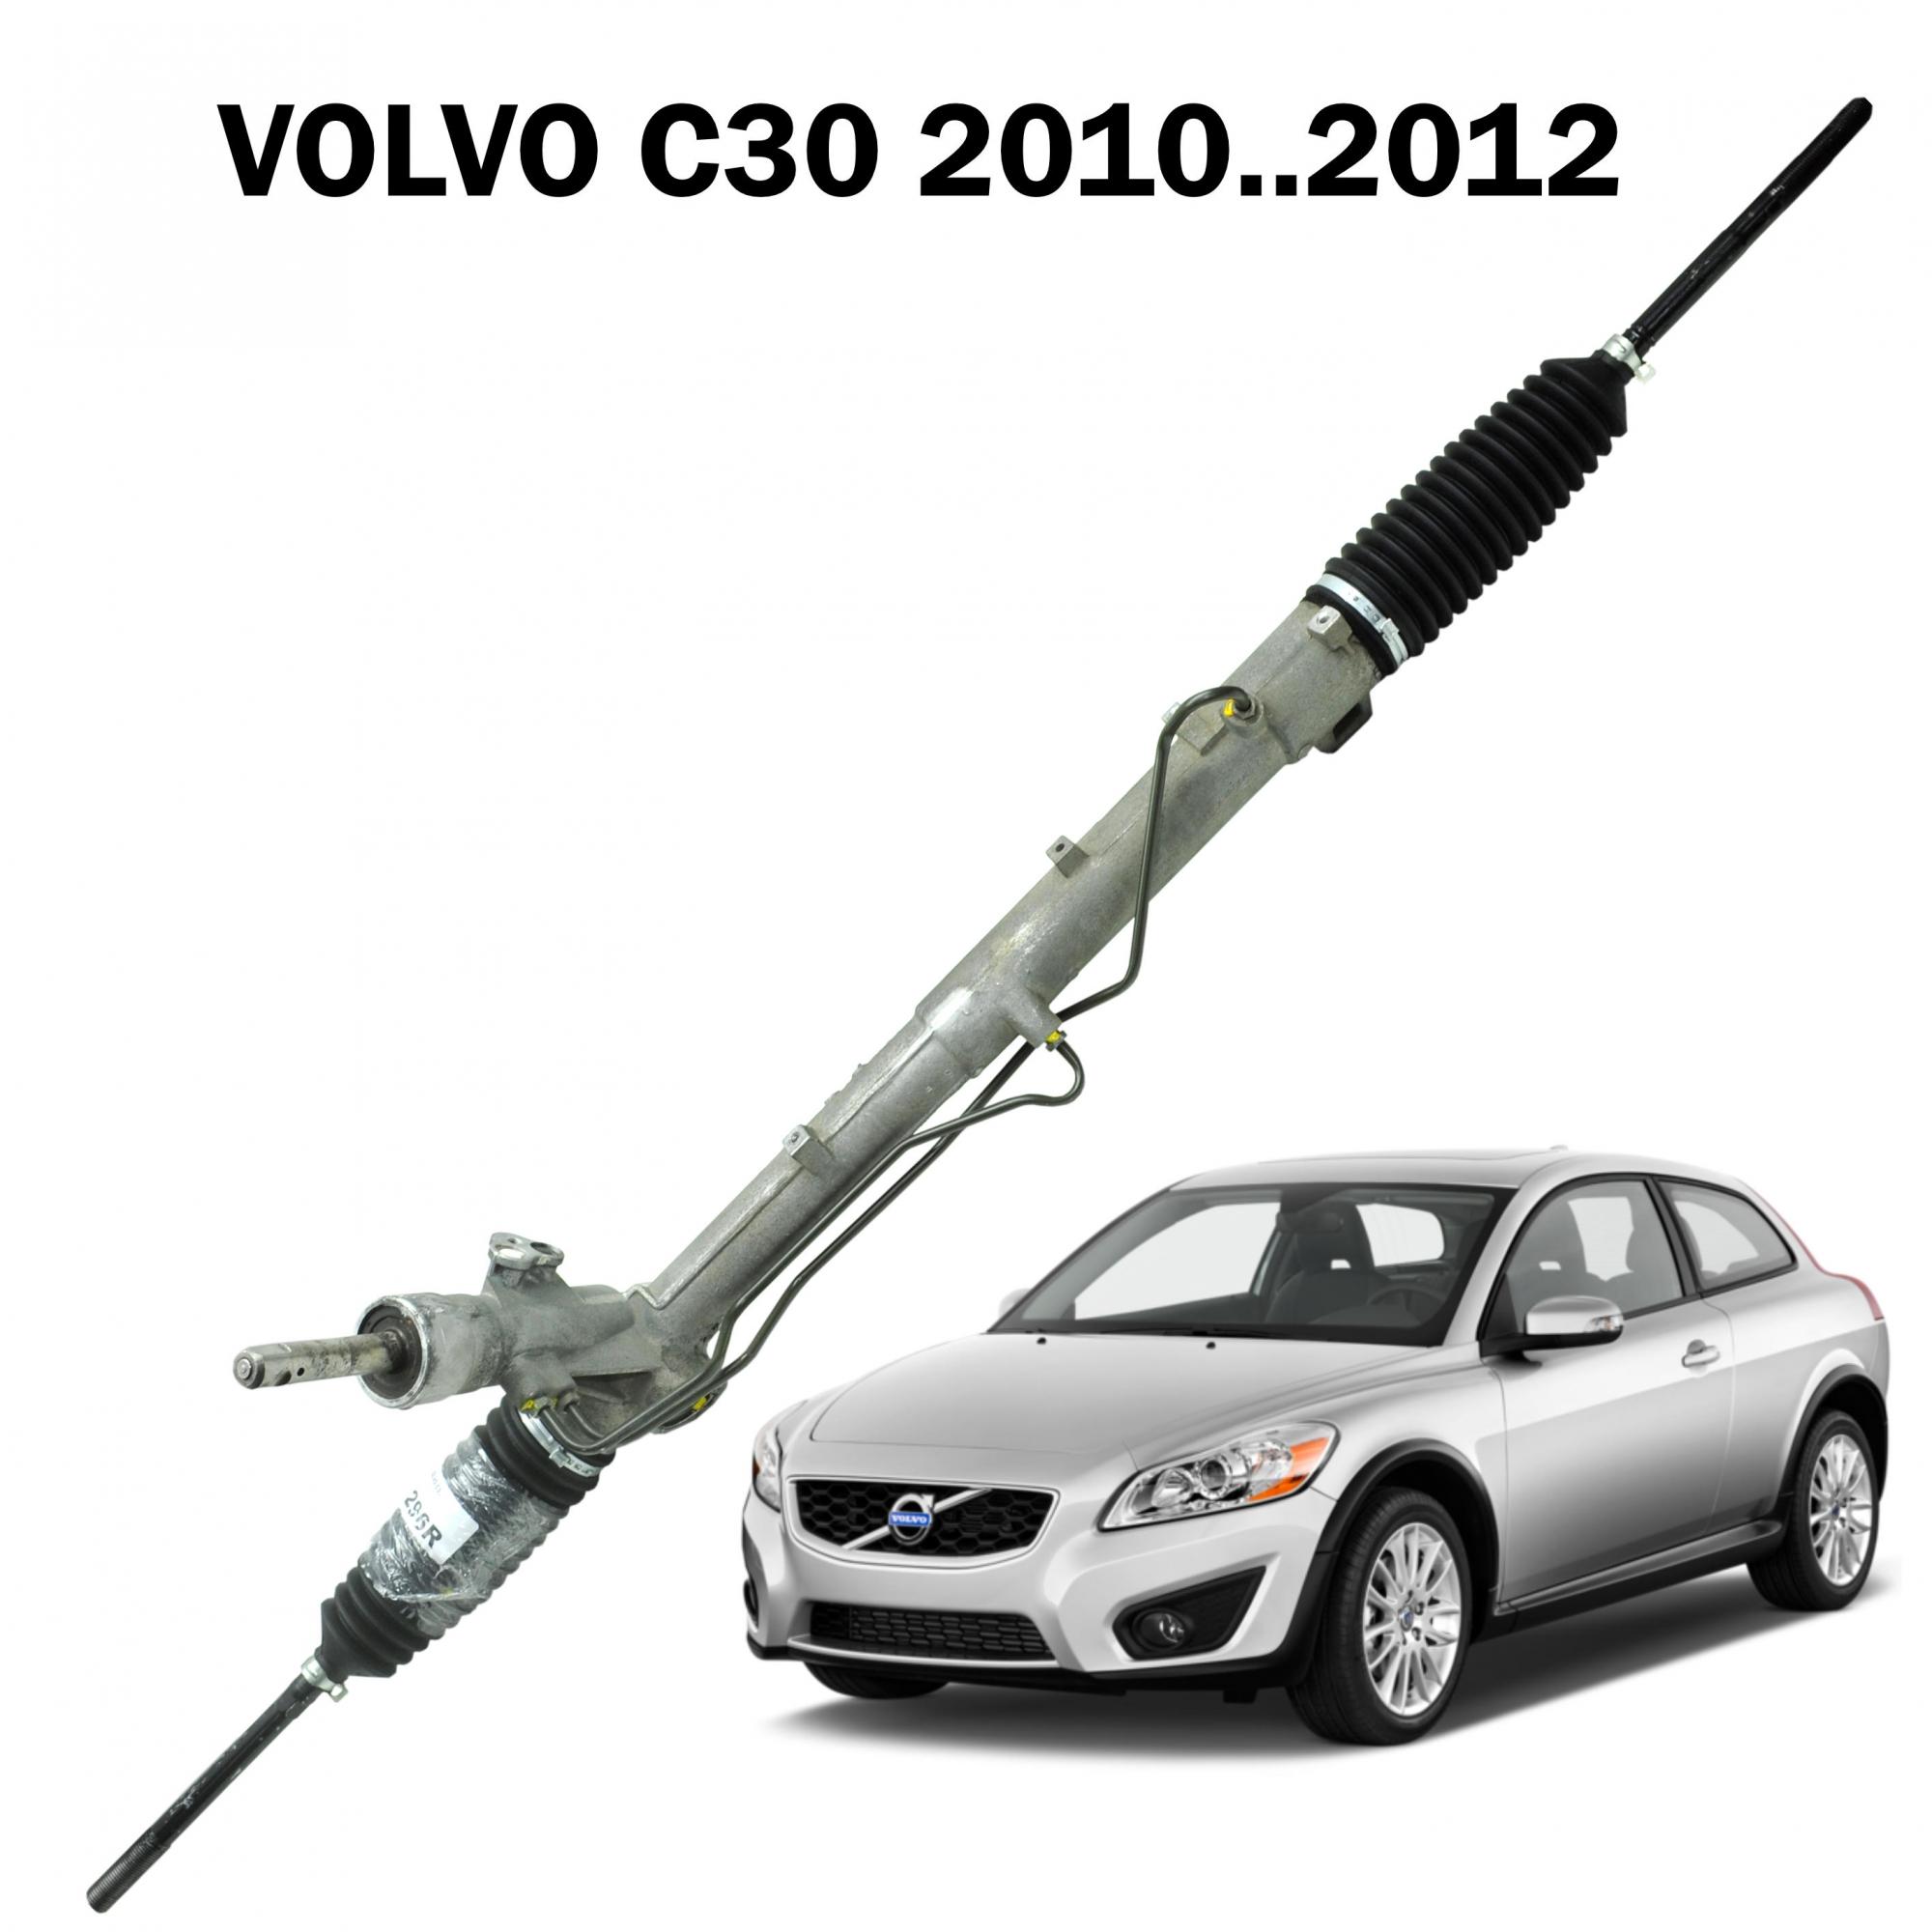 Caixa Direção Hidráulica TRW Volvo C30 2010...2012